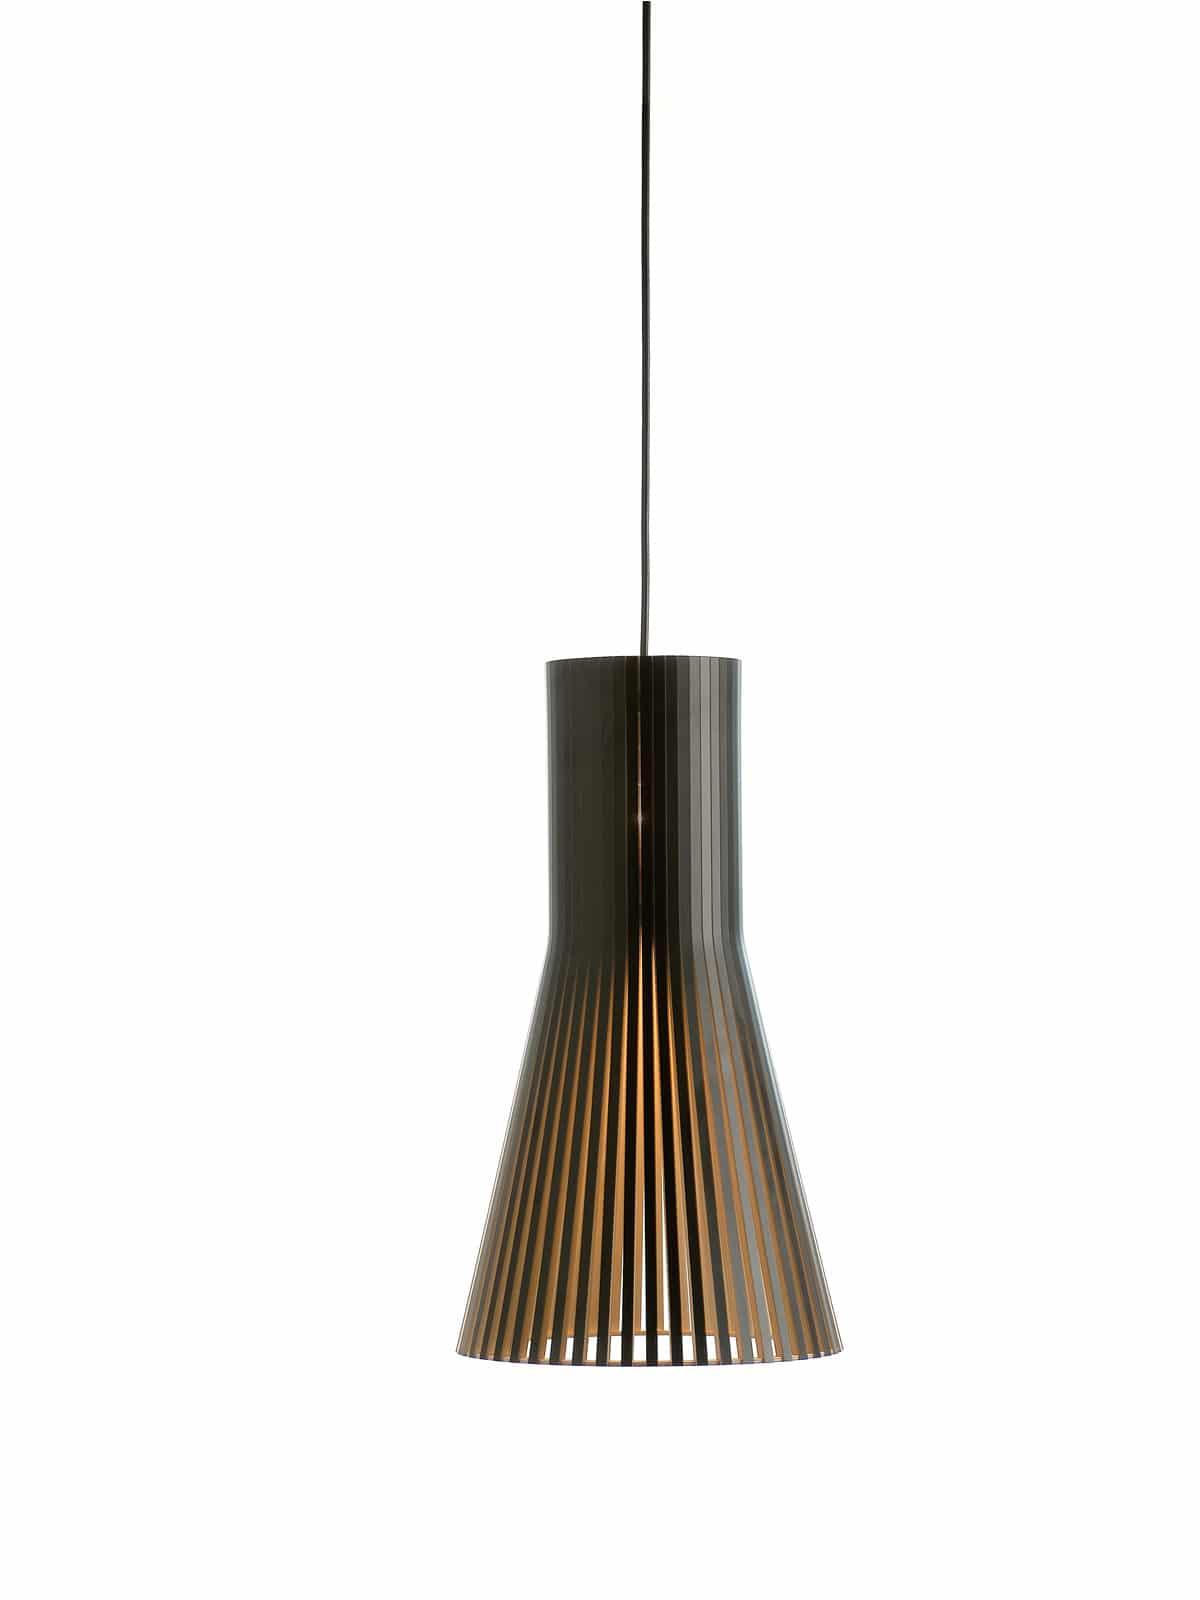 Secto 4201 Holzleuchte DesignOrt Onlineshop Lampen